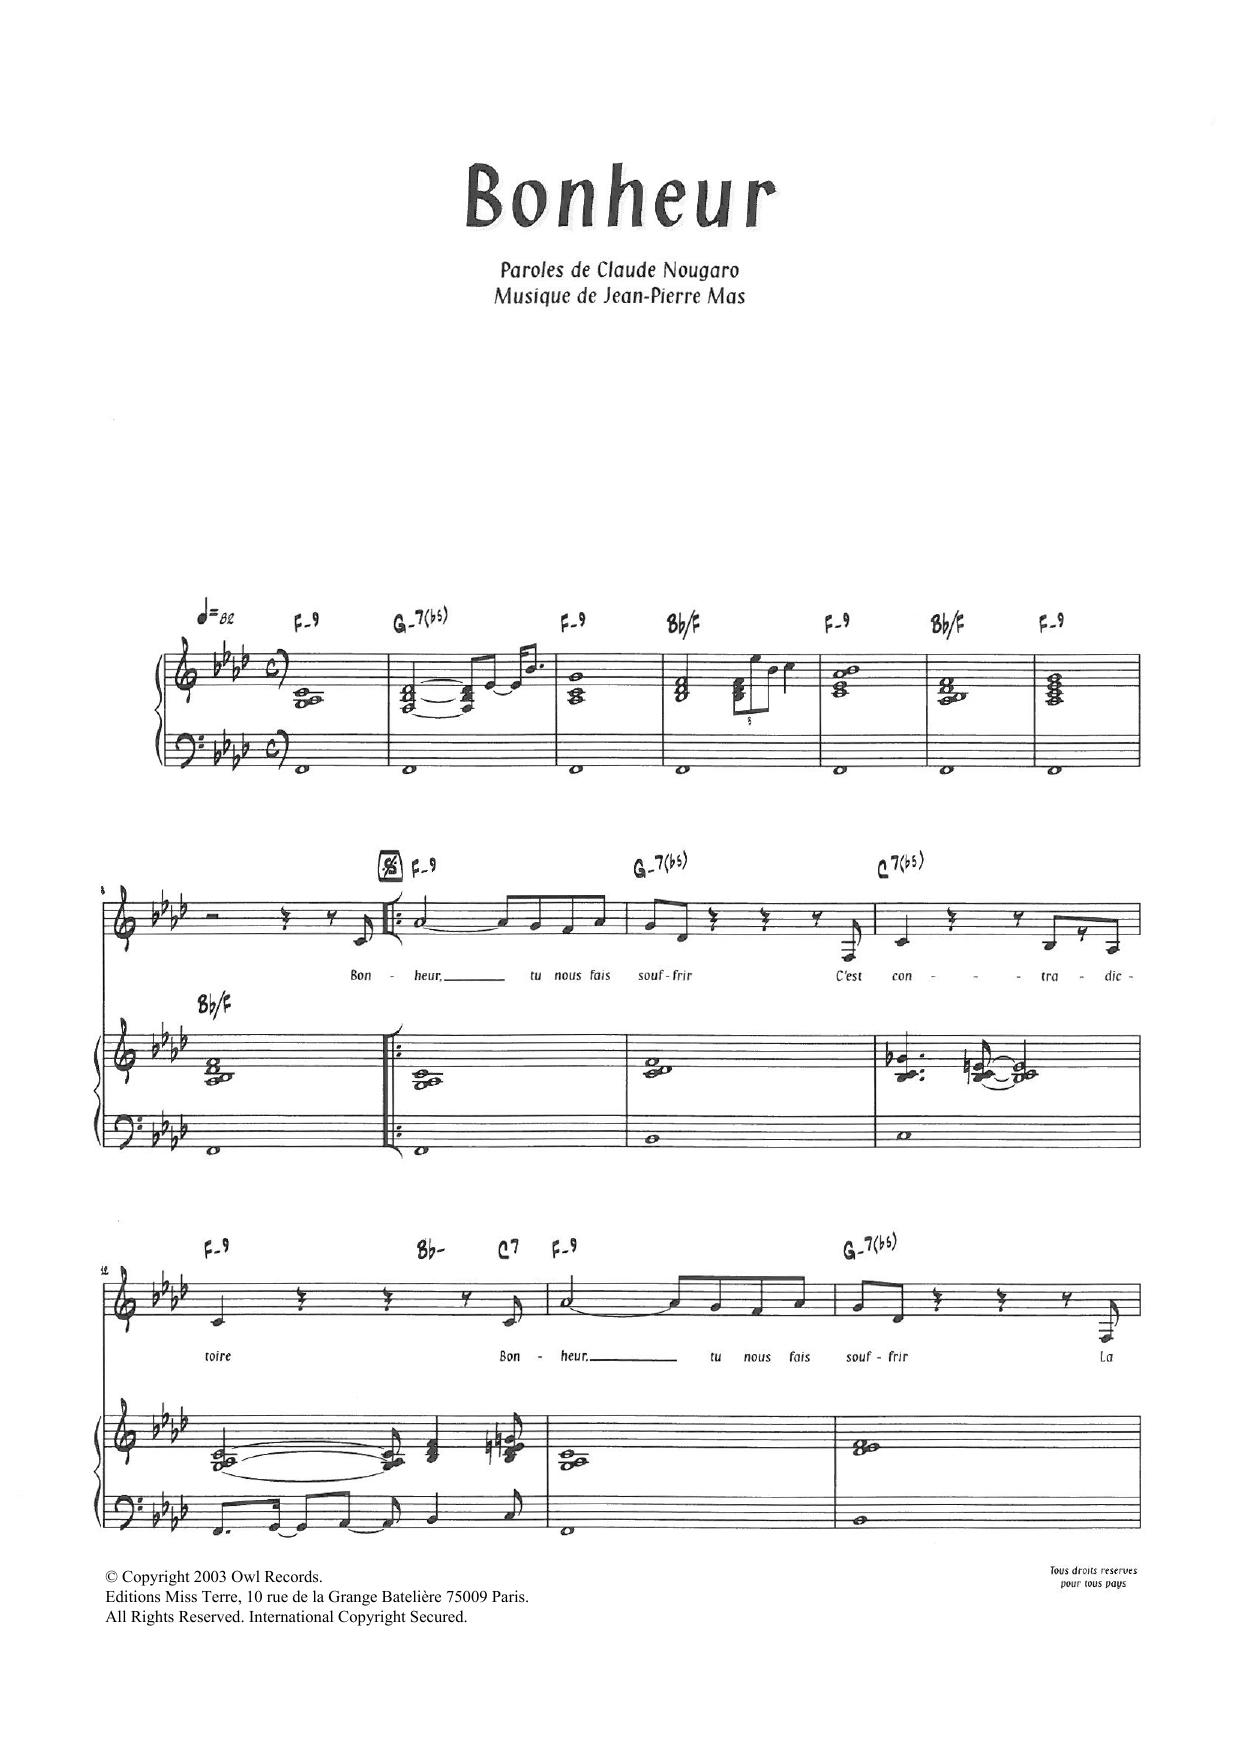 Bonheur By Claude Nougaro Piano & Vocal Digital Sheet Music intérieur Bon The Bonheur